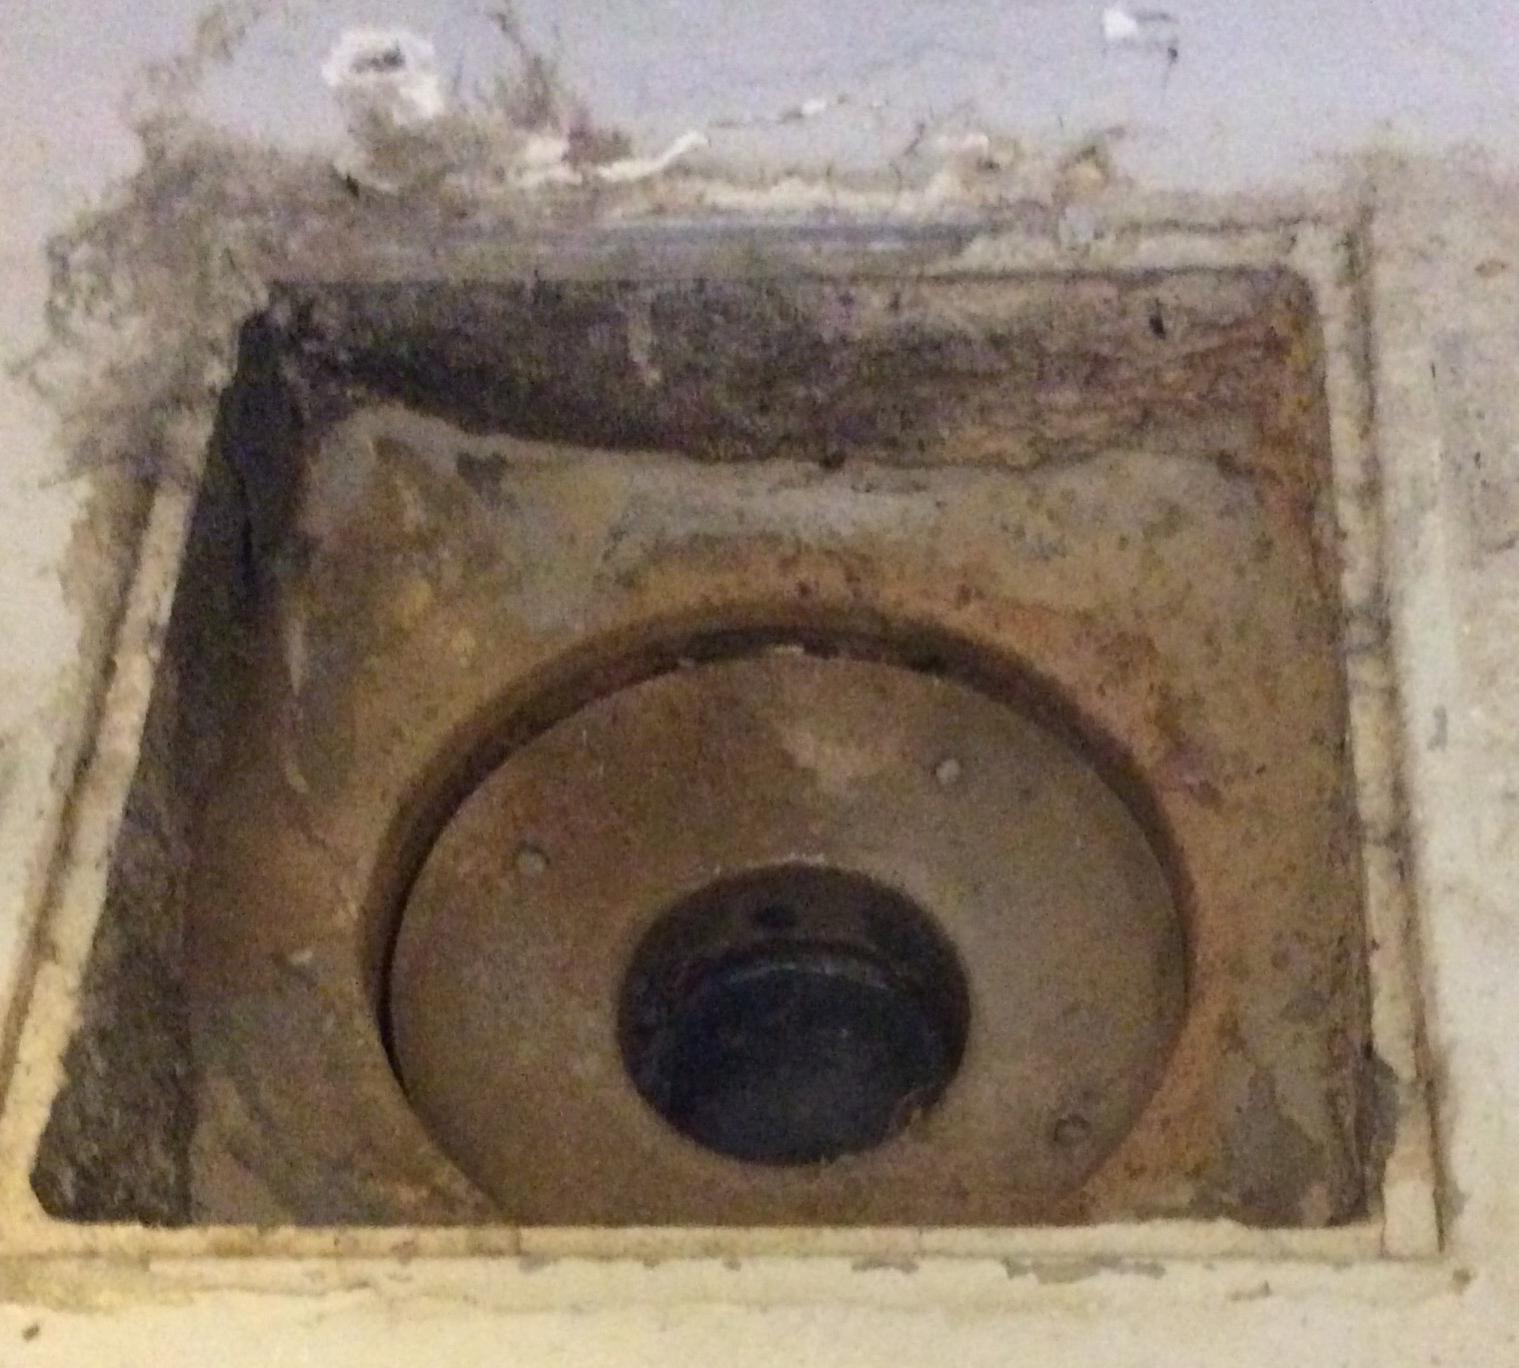 Eksempel på et gammelt gulvafløb, hvor siderne er af beton. Går du ikke med renoveringsplaner, er det vigtigt at der på intet tidspunkt er et tilstoppet afløb, da dette vil gøre at vandet stuves op og får direkte kontakt til beton. Løft risten for at tjekke det.